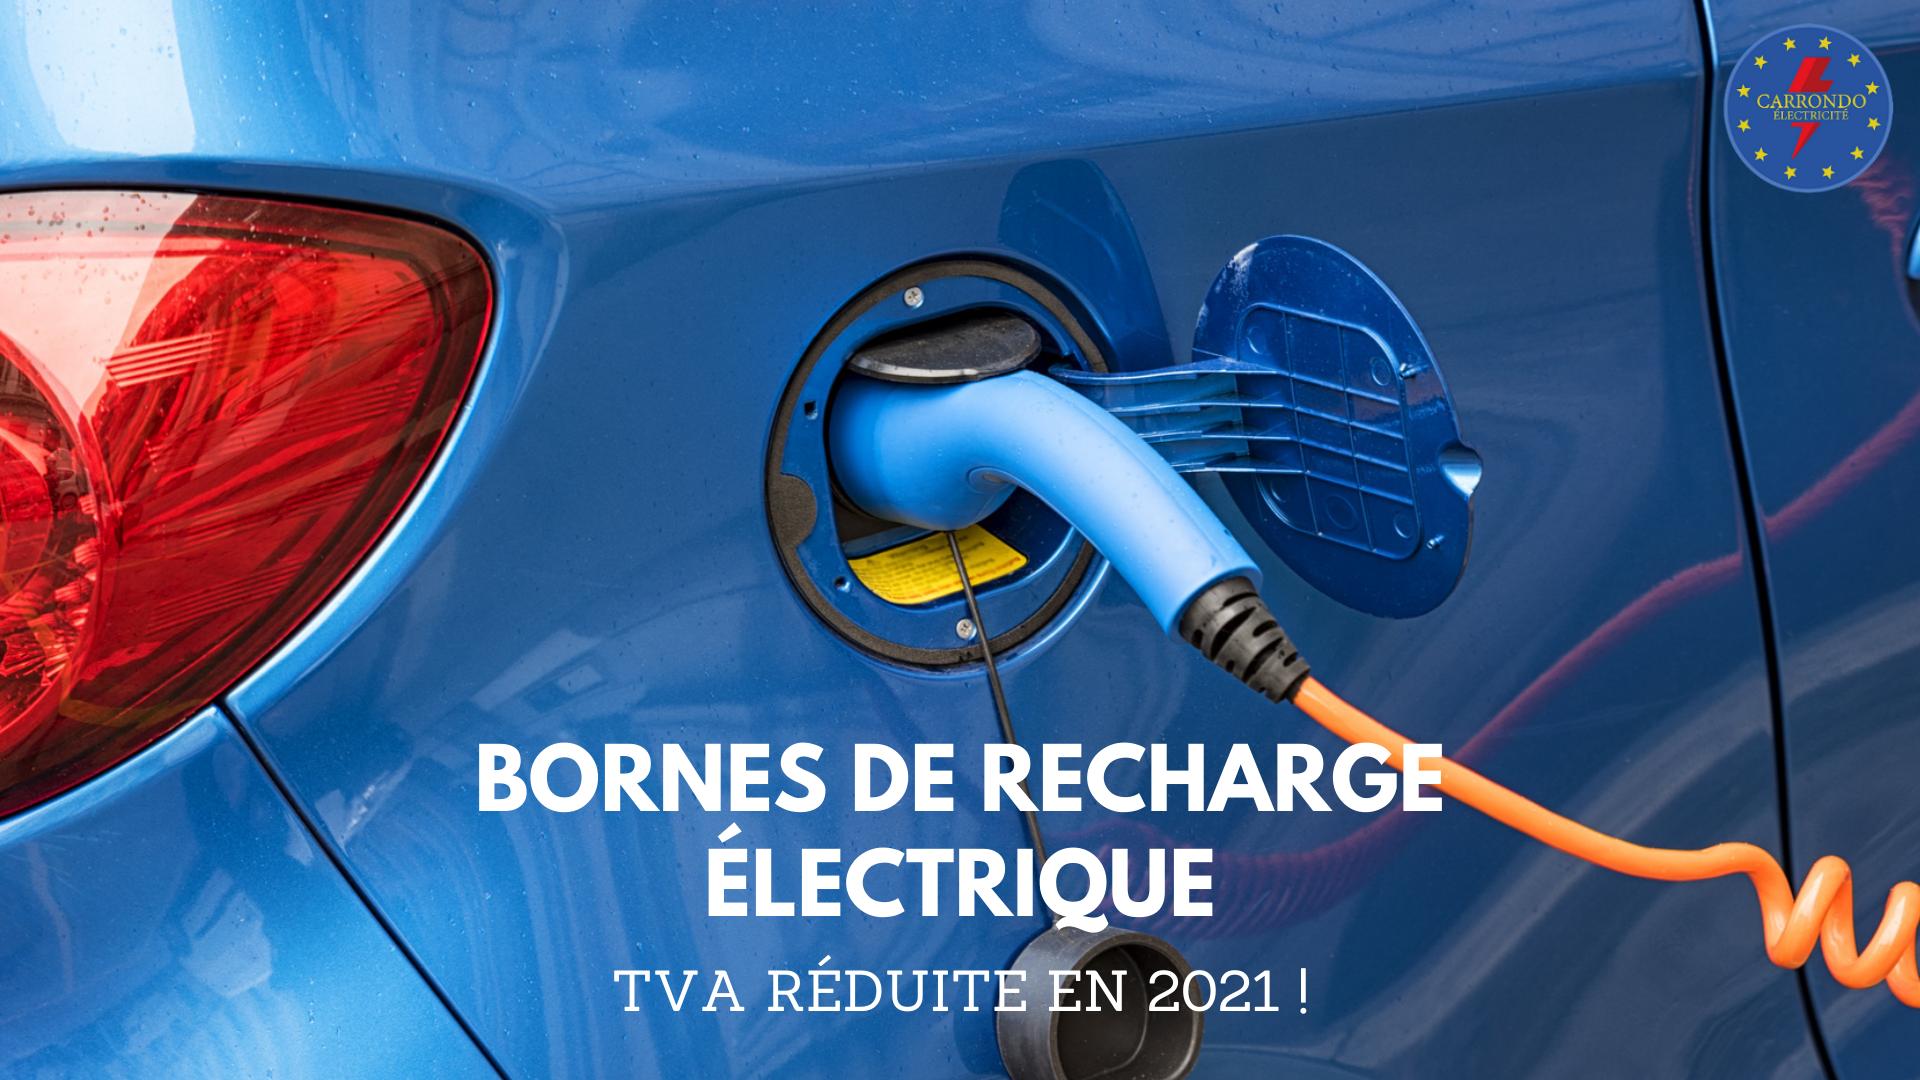 Borne de recharge électrique : TVA réduite sur l'installation en 2021